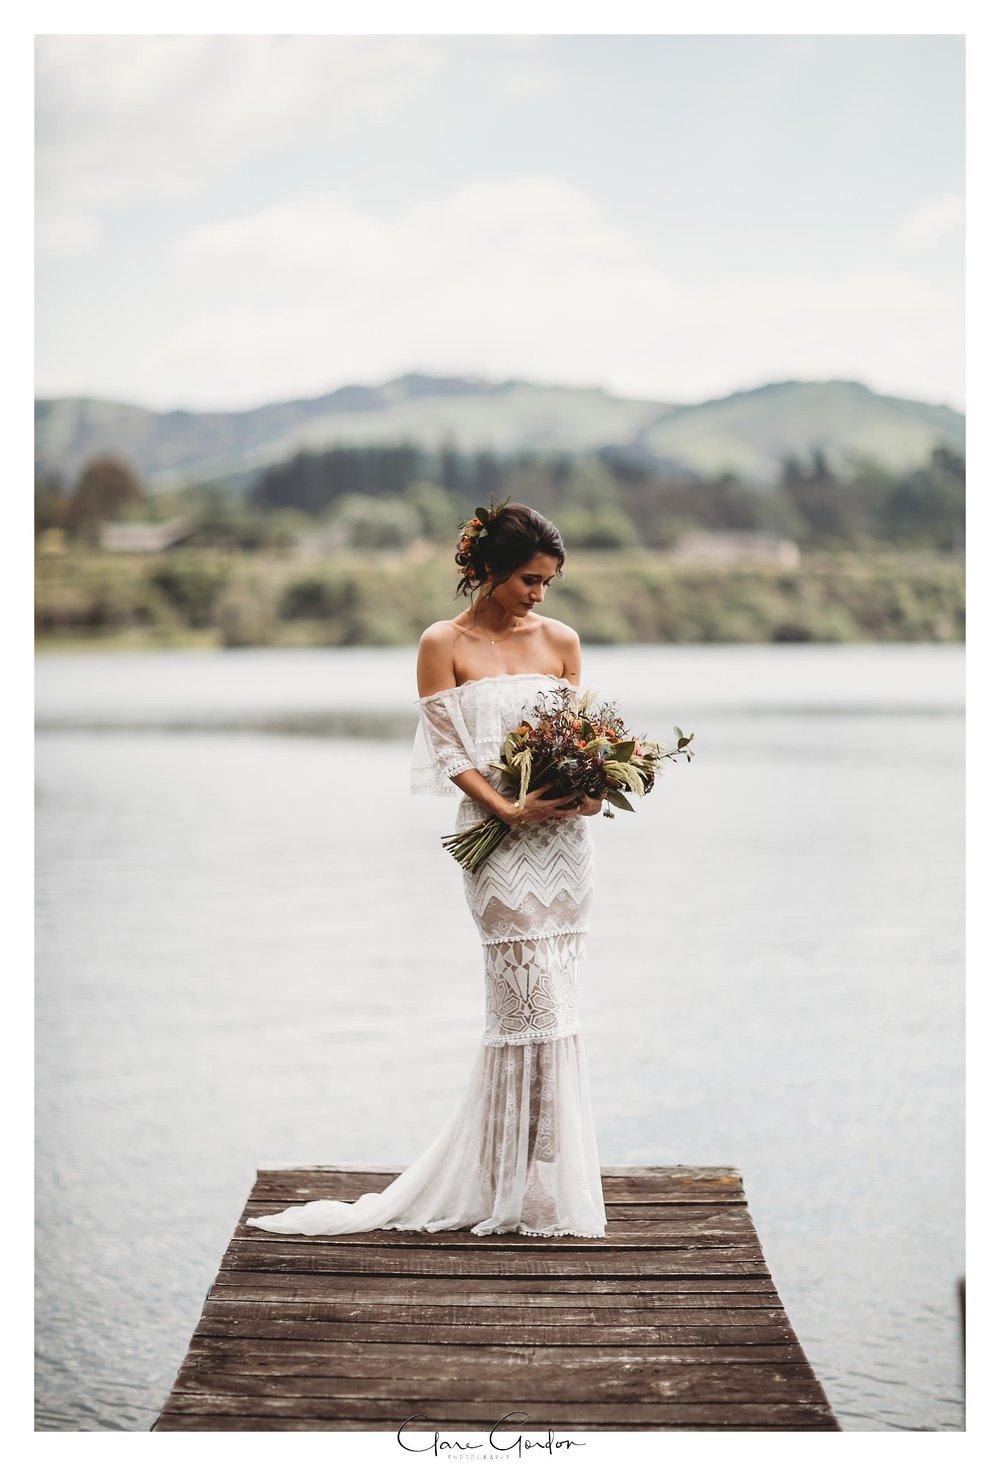 The Boatshed-Wedding-lake-karapiro-Waikato (61).jpg